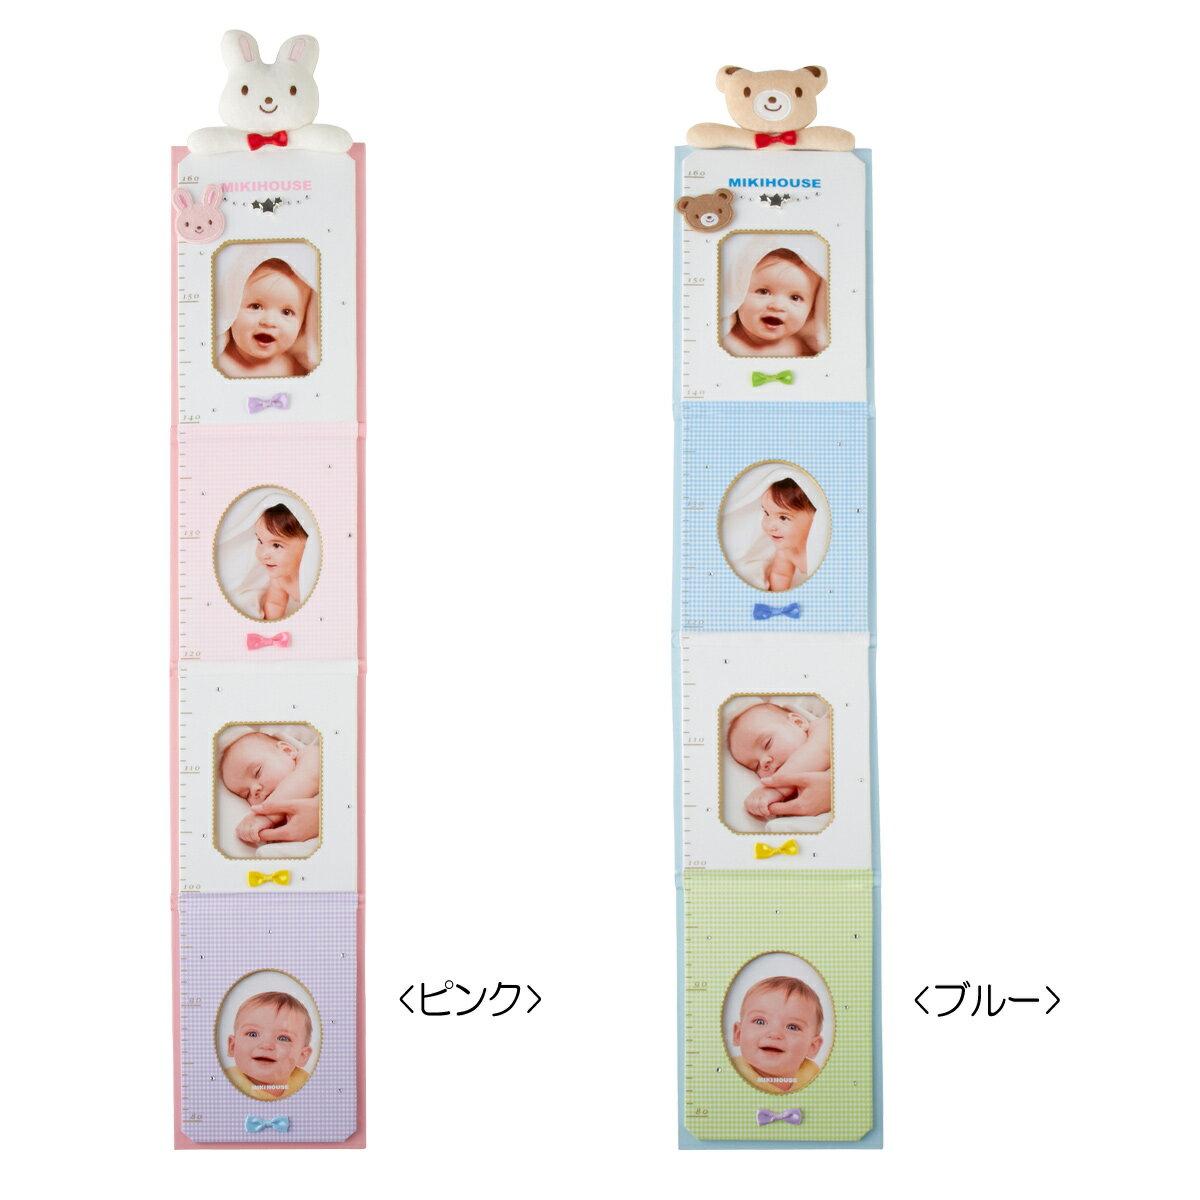 ミキハウス mikihouse フォトフレーム付き身長計【箱入】 ベビー ベビー用品 赤ちゃん 男の子 女の子